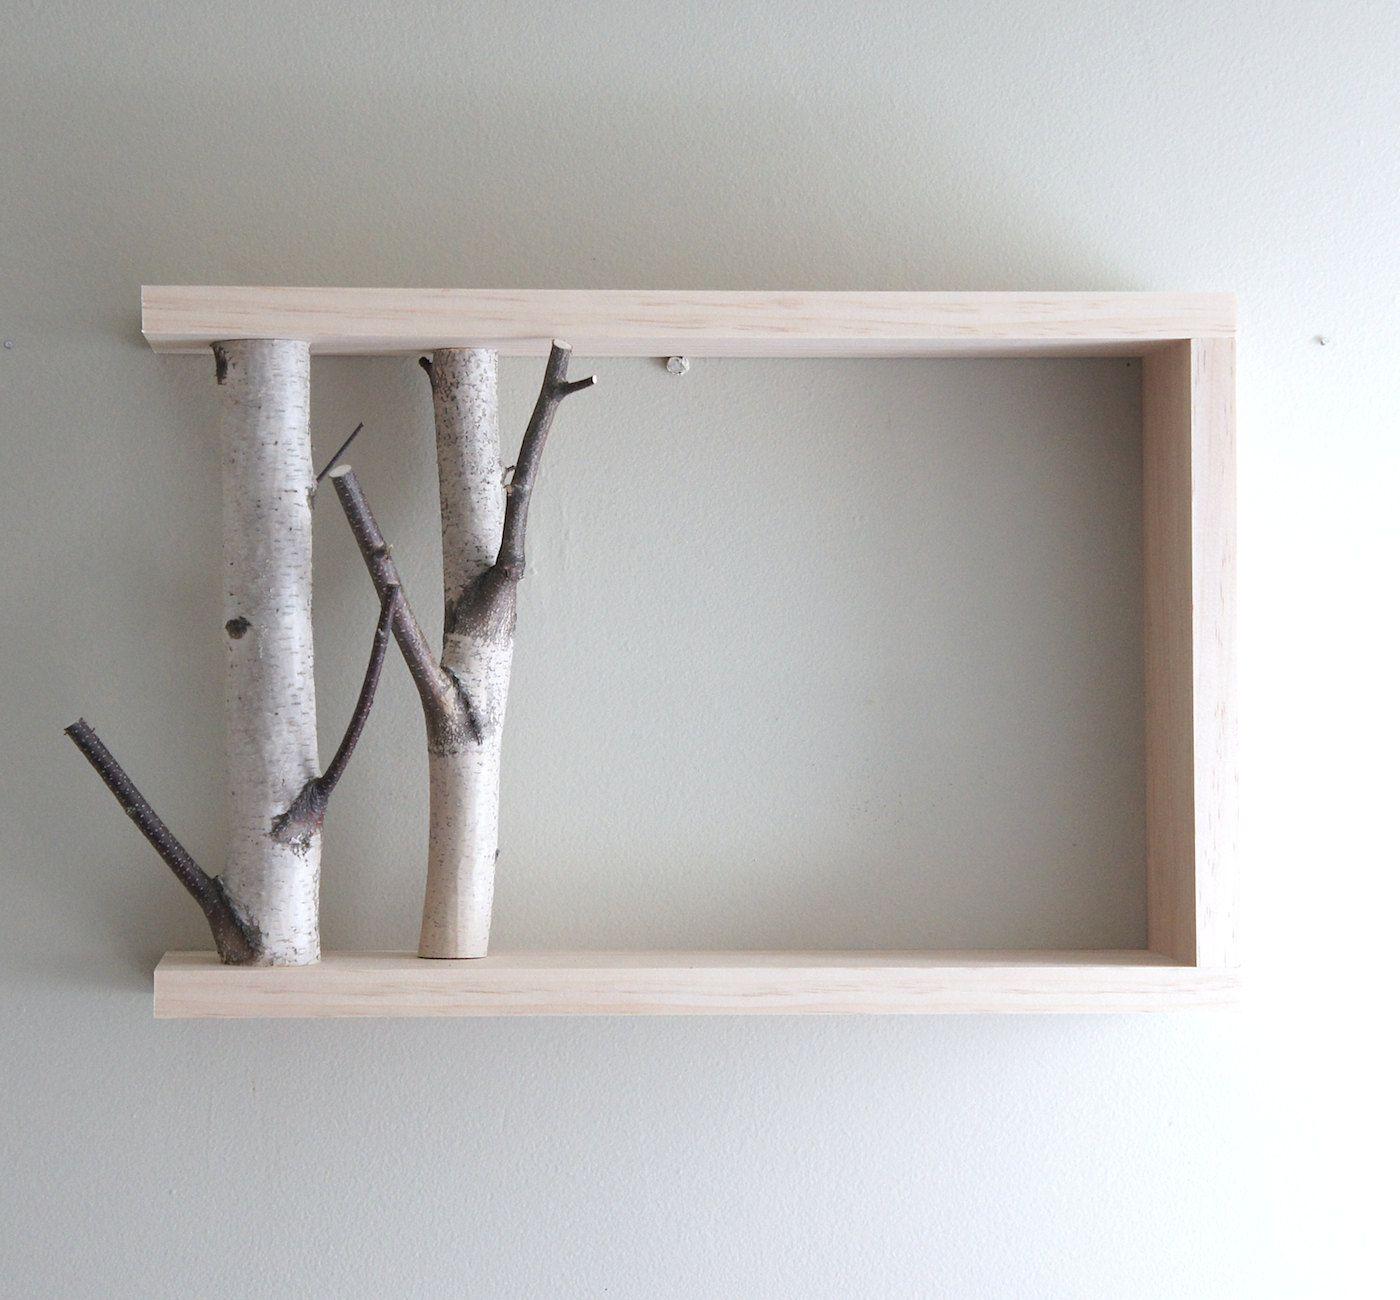 White birch forest wall artshelf set of birch branch framed